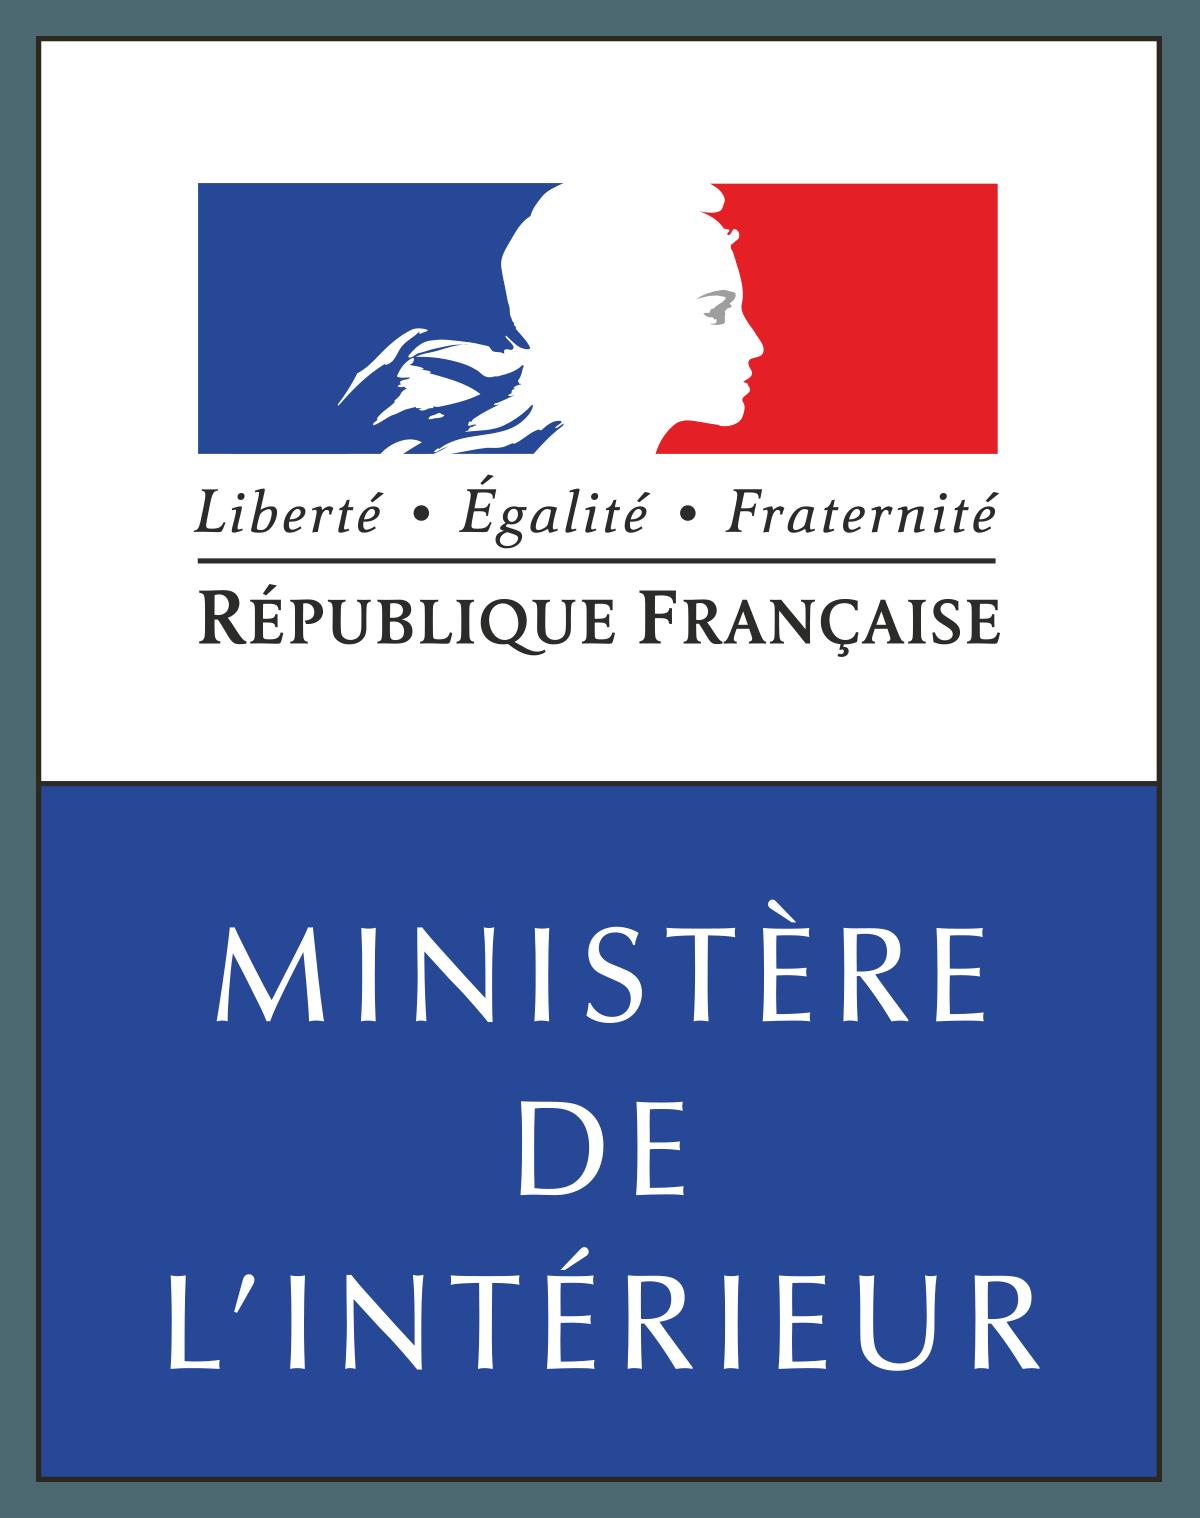 Ministère de l'Intérieur – France